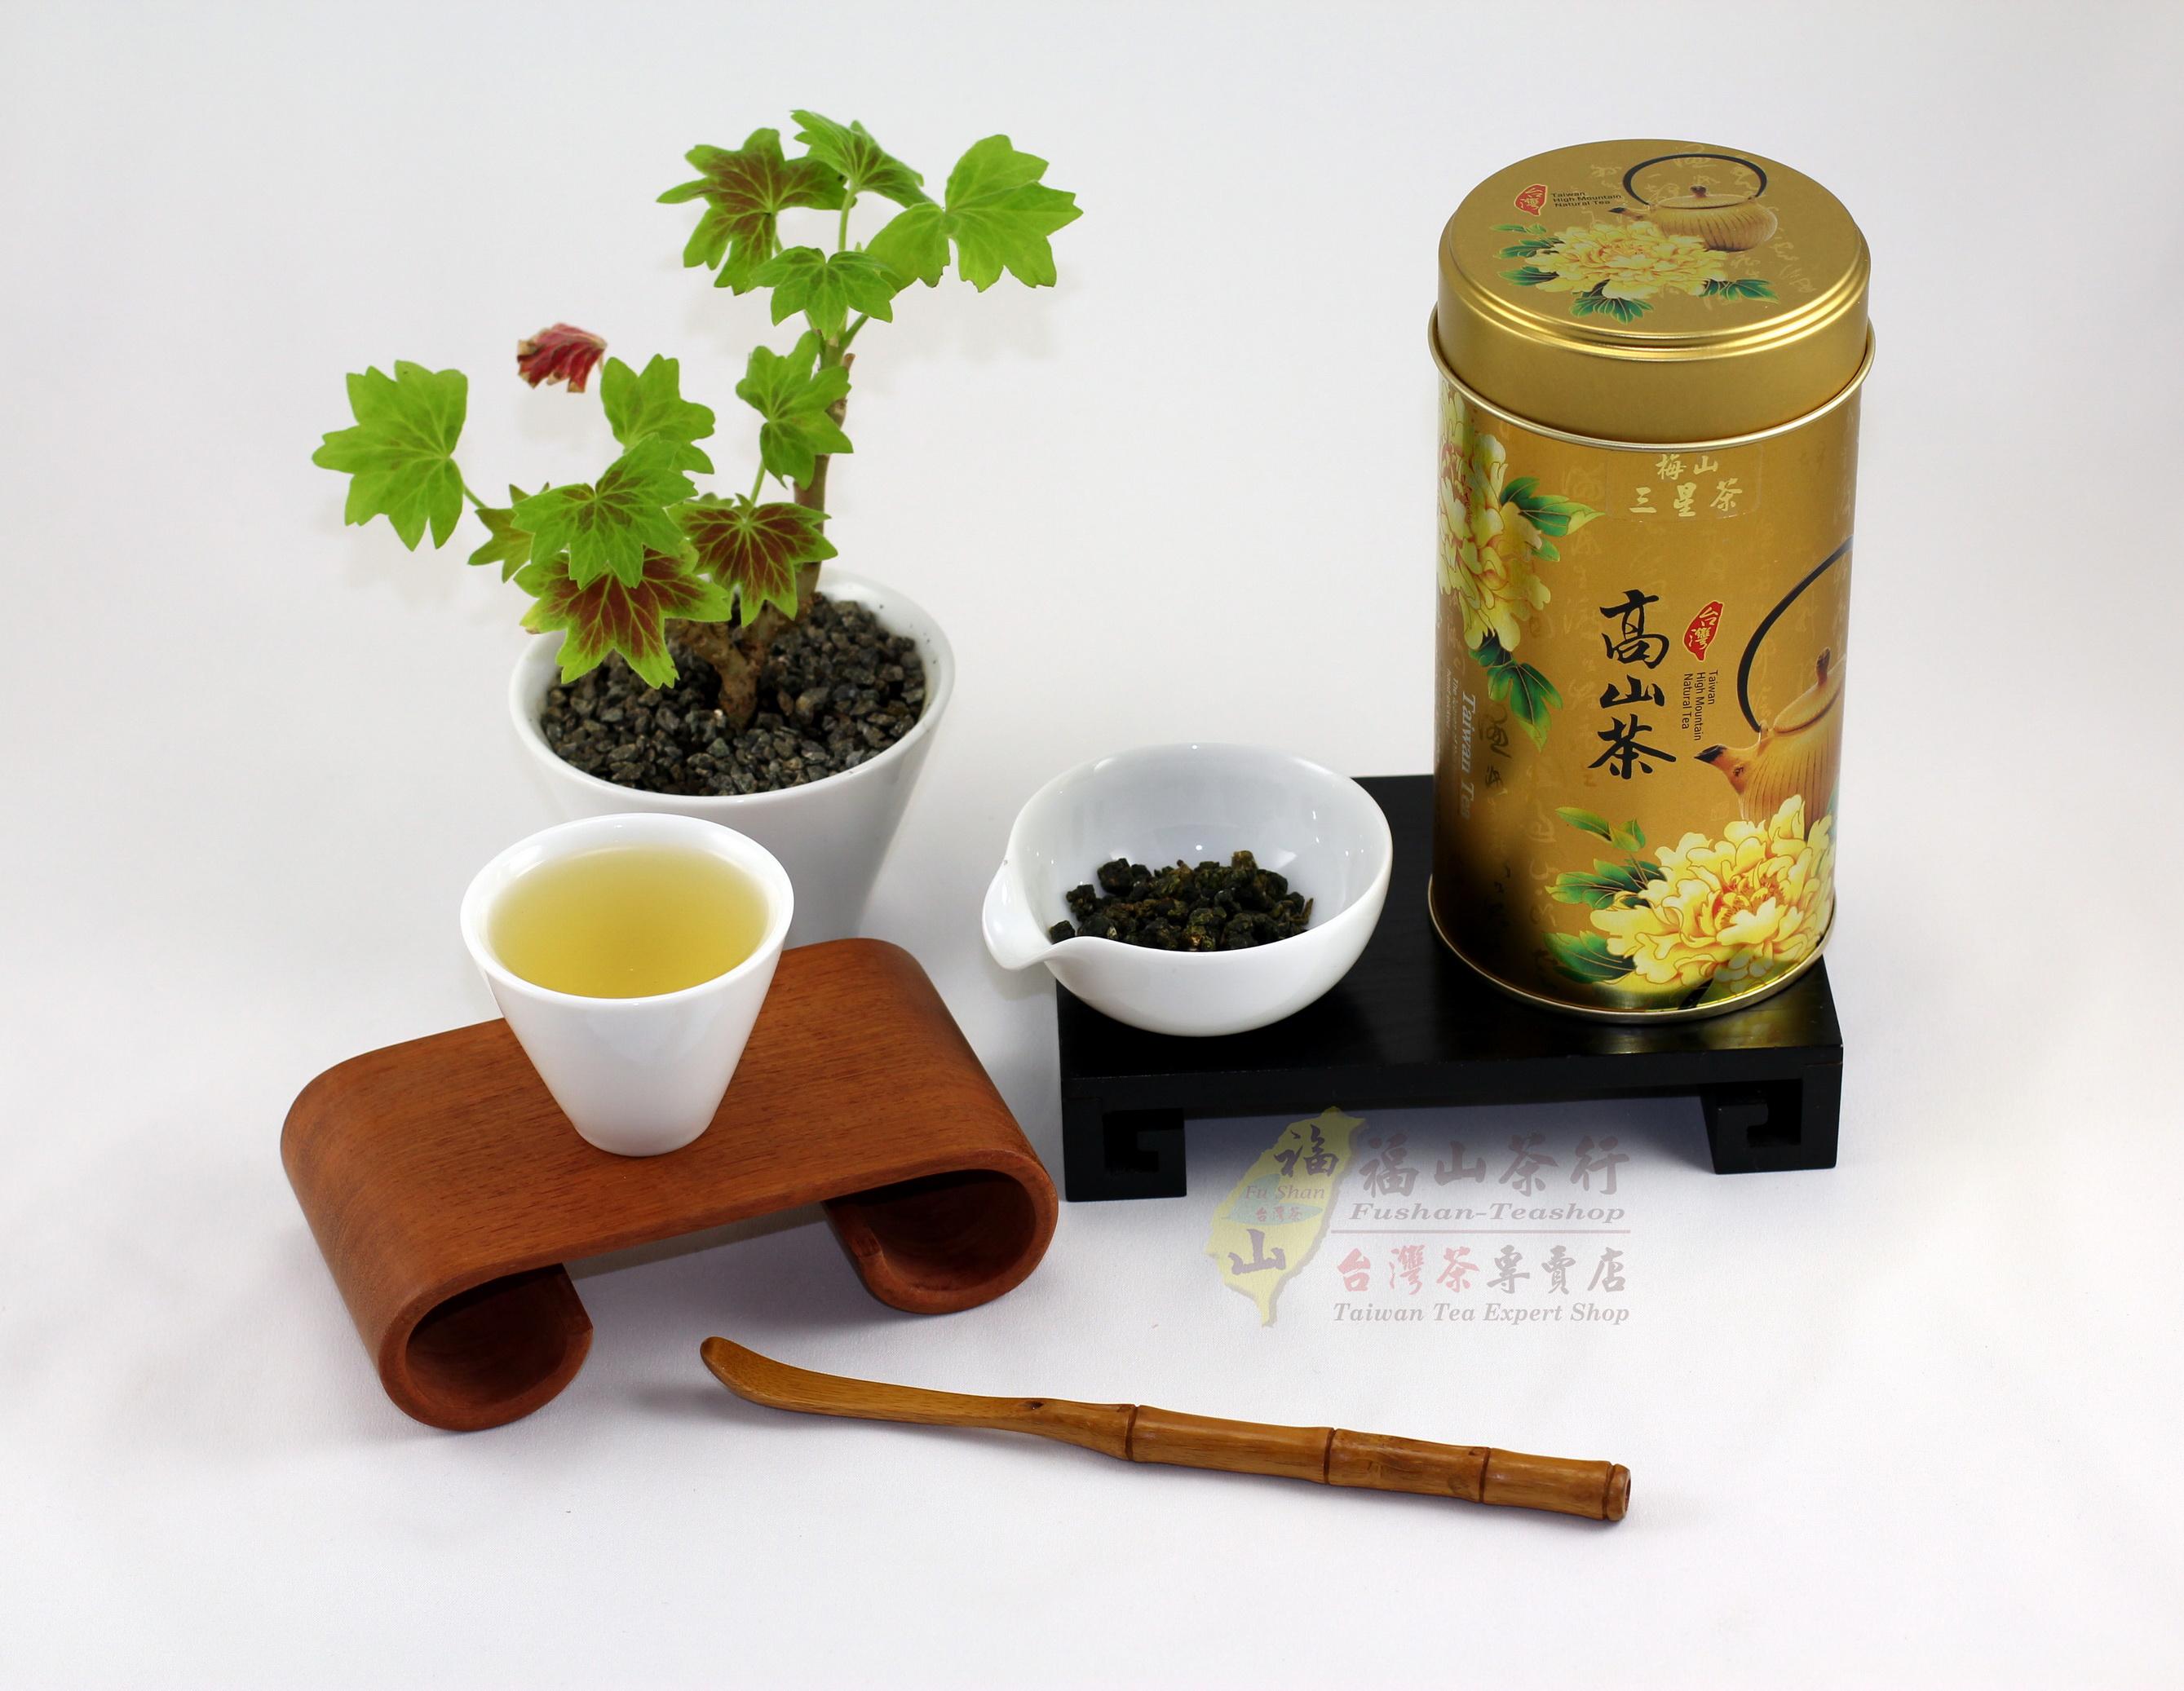 梅山三星茶1斤【清香型】